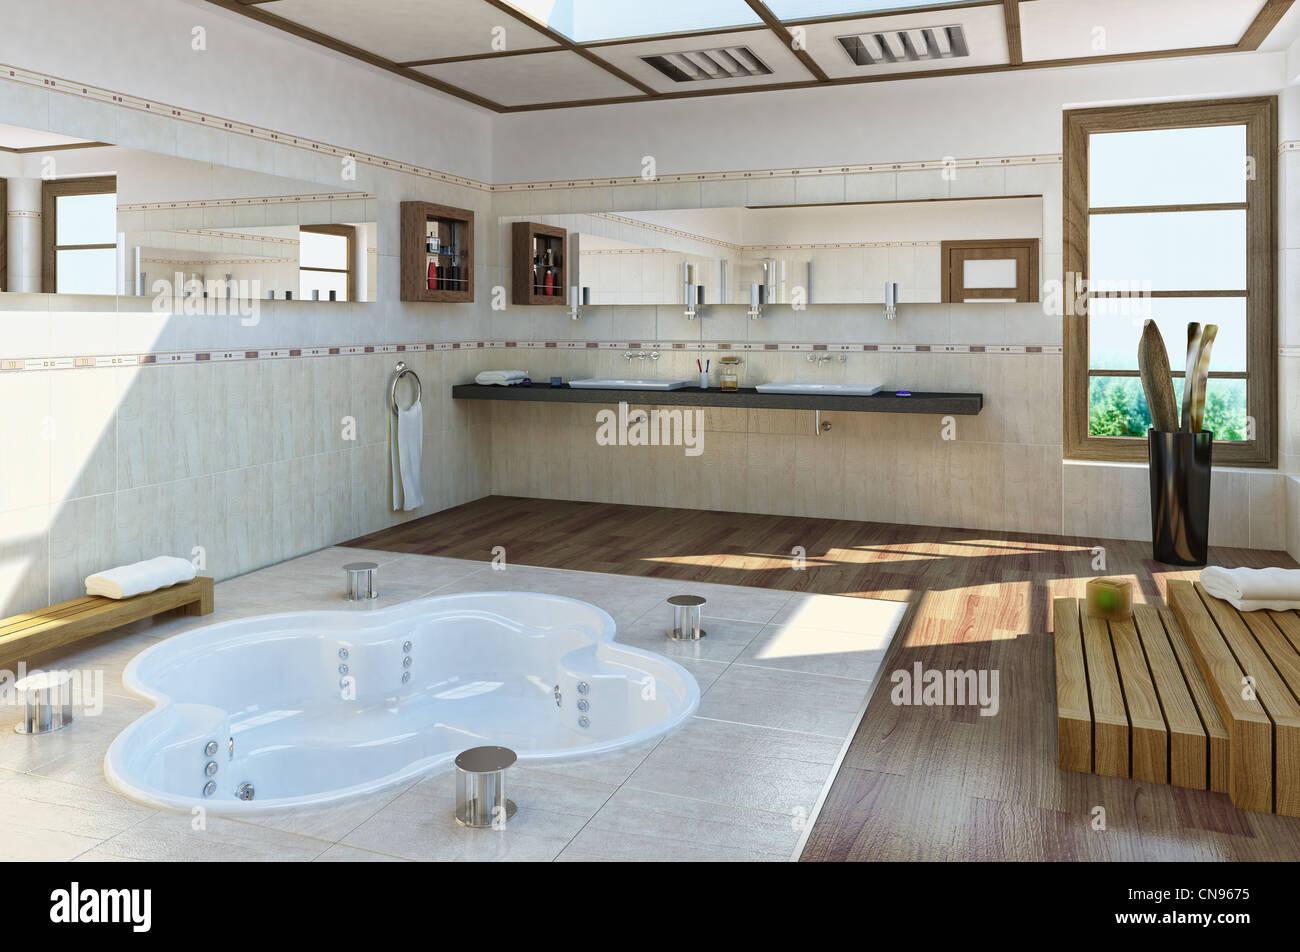 Grande salle de bains de luxe avec baignoire dans le sol Banque D ...